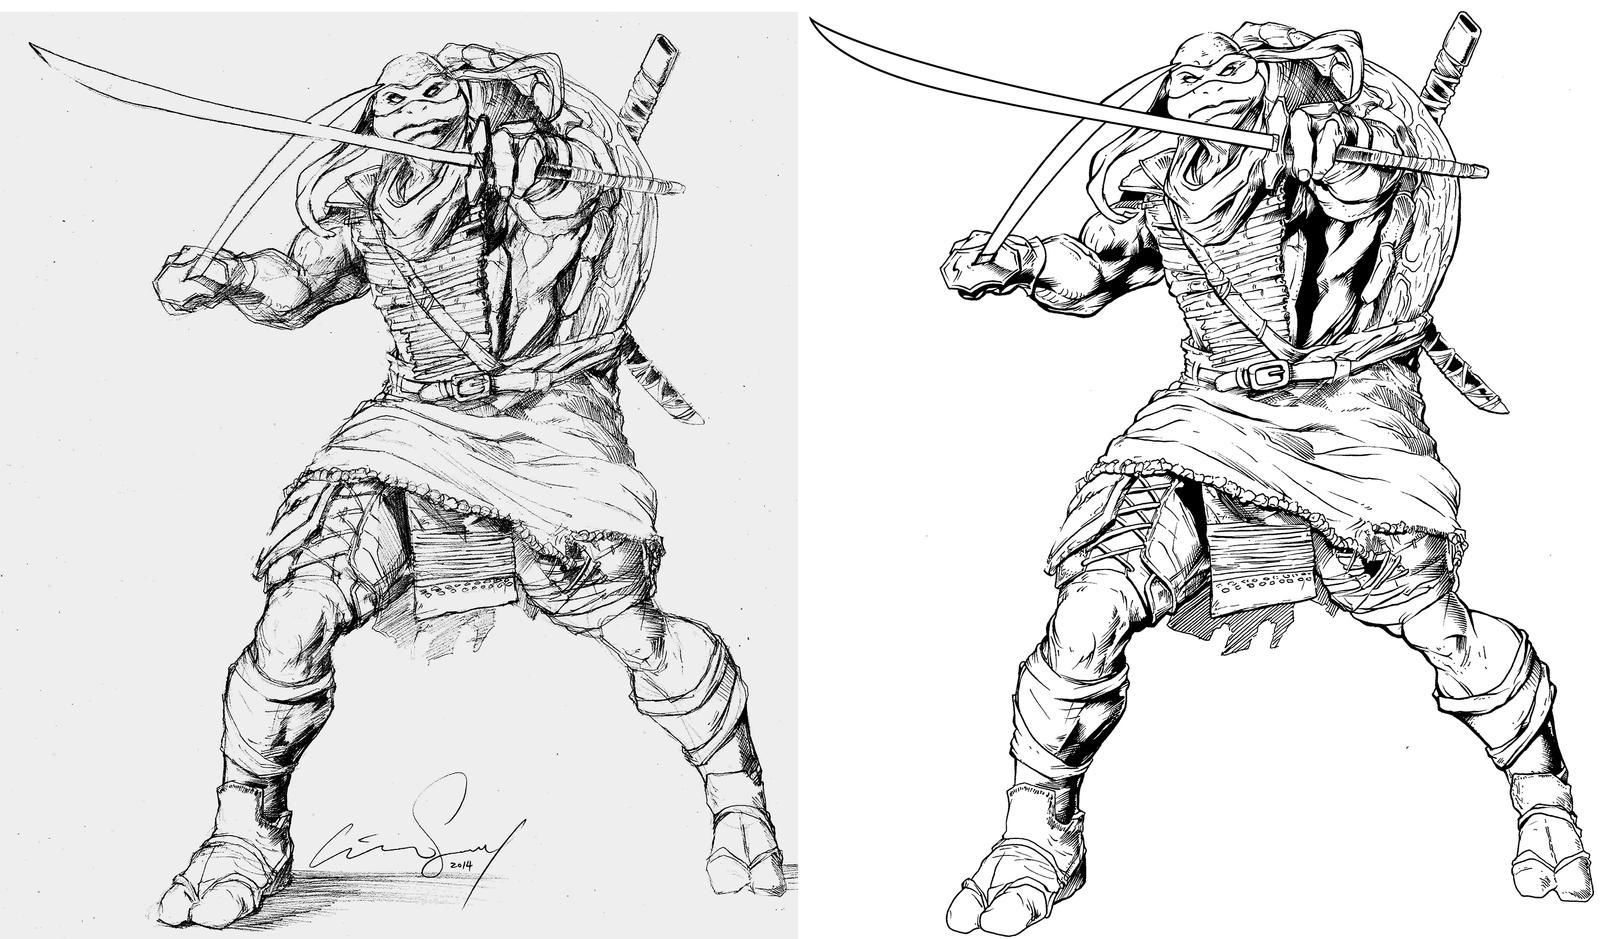 leonardo teenage mutant ninja turtles coloring pages leonardo of the teenage mutant ninja turtles by cadre on